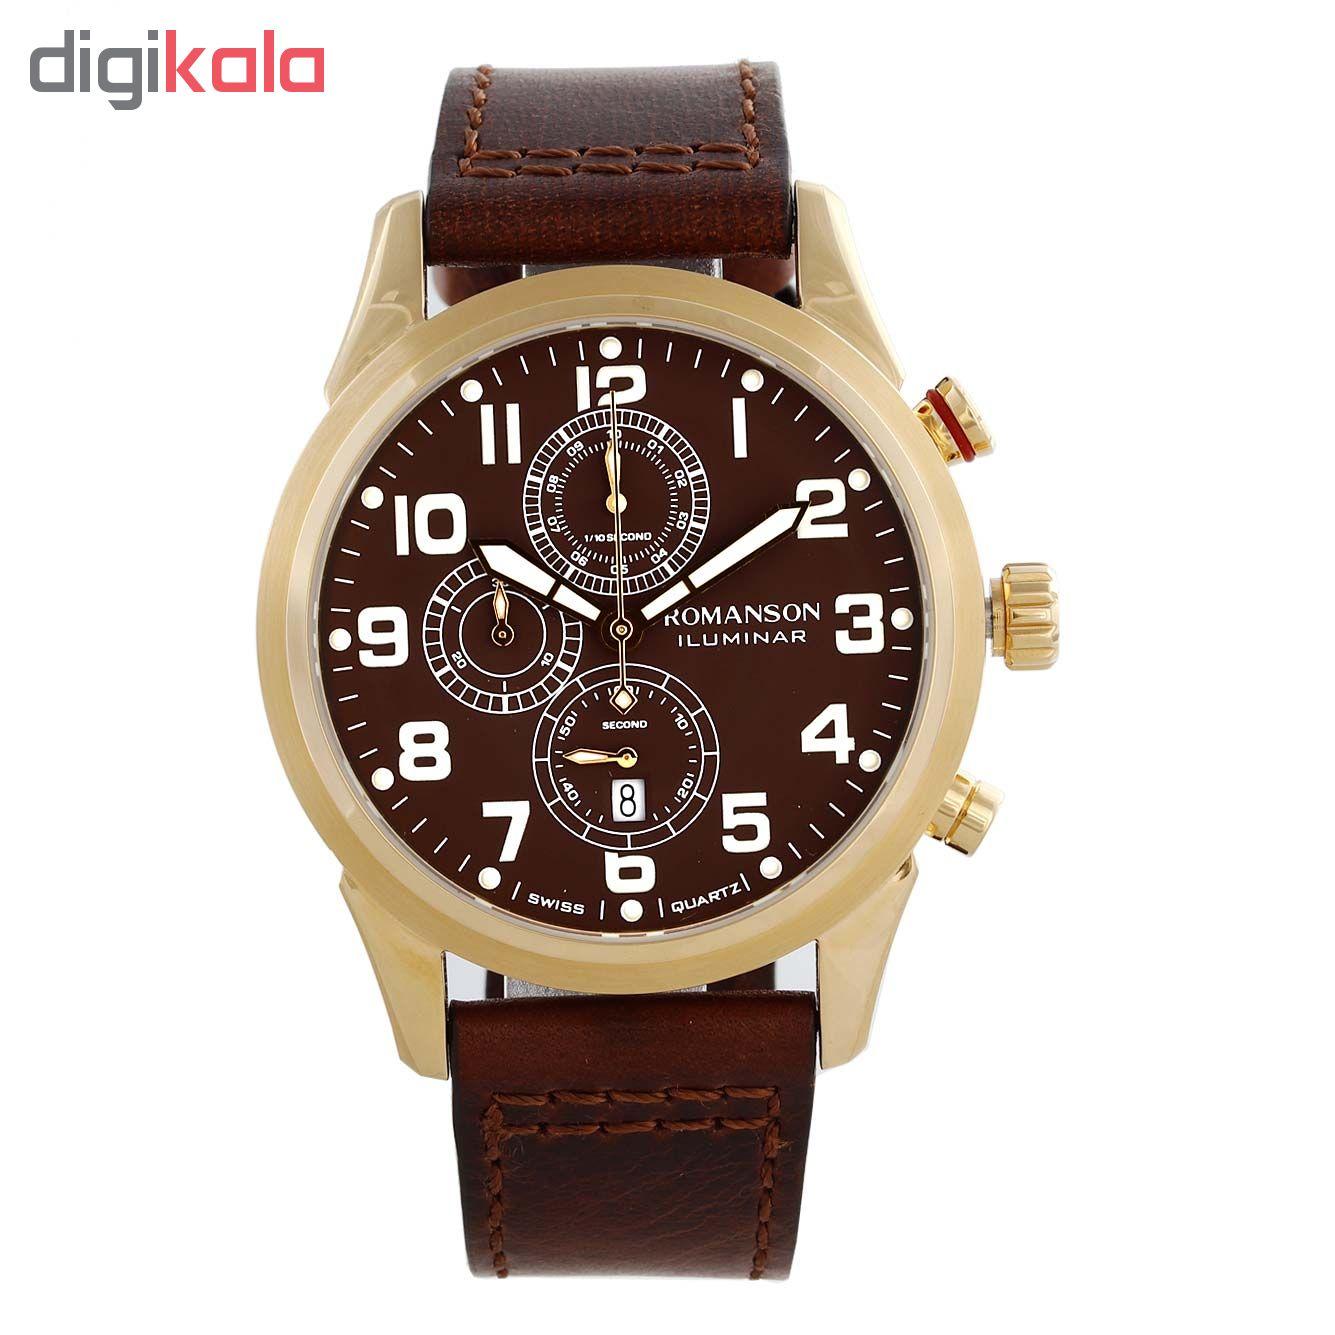 خرید ساعت مچی عقربه ای مردانه رومانسون مدل AL6A14HMNGABR5